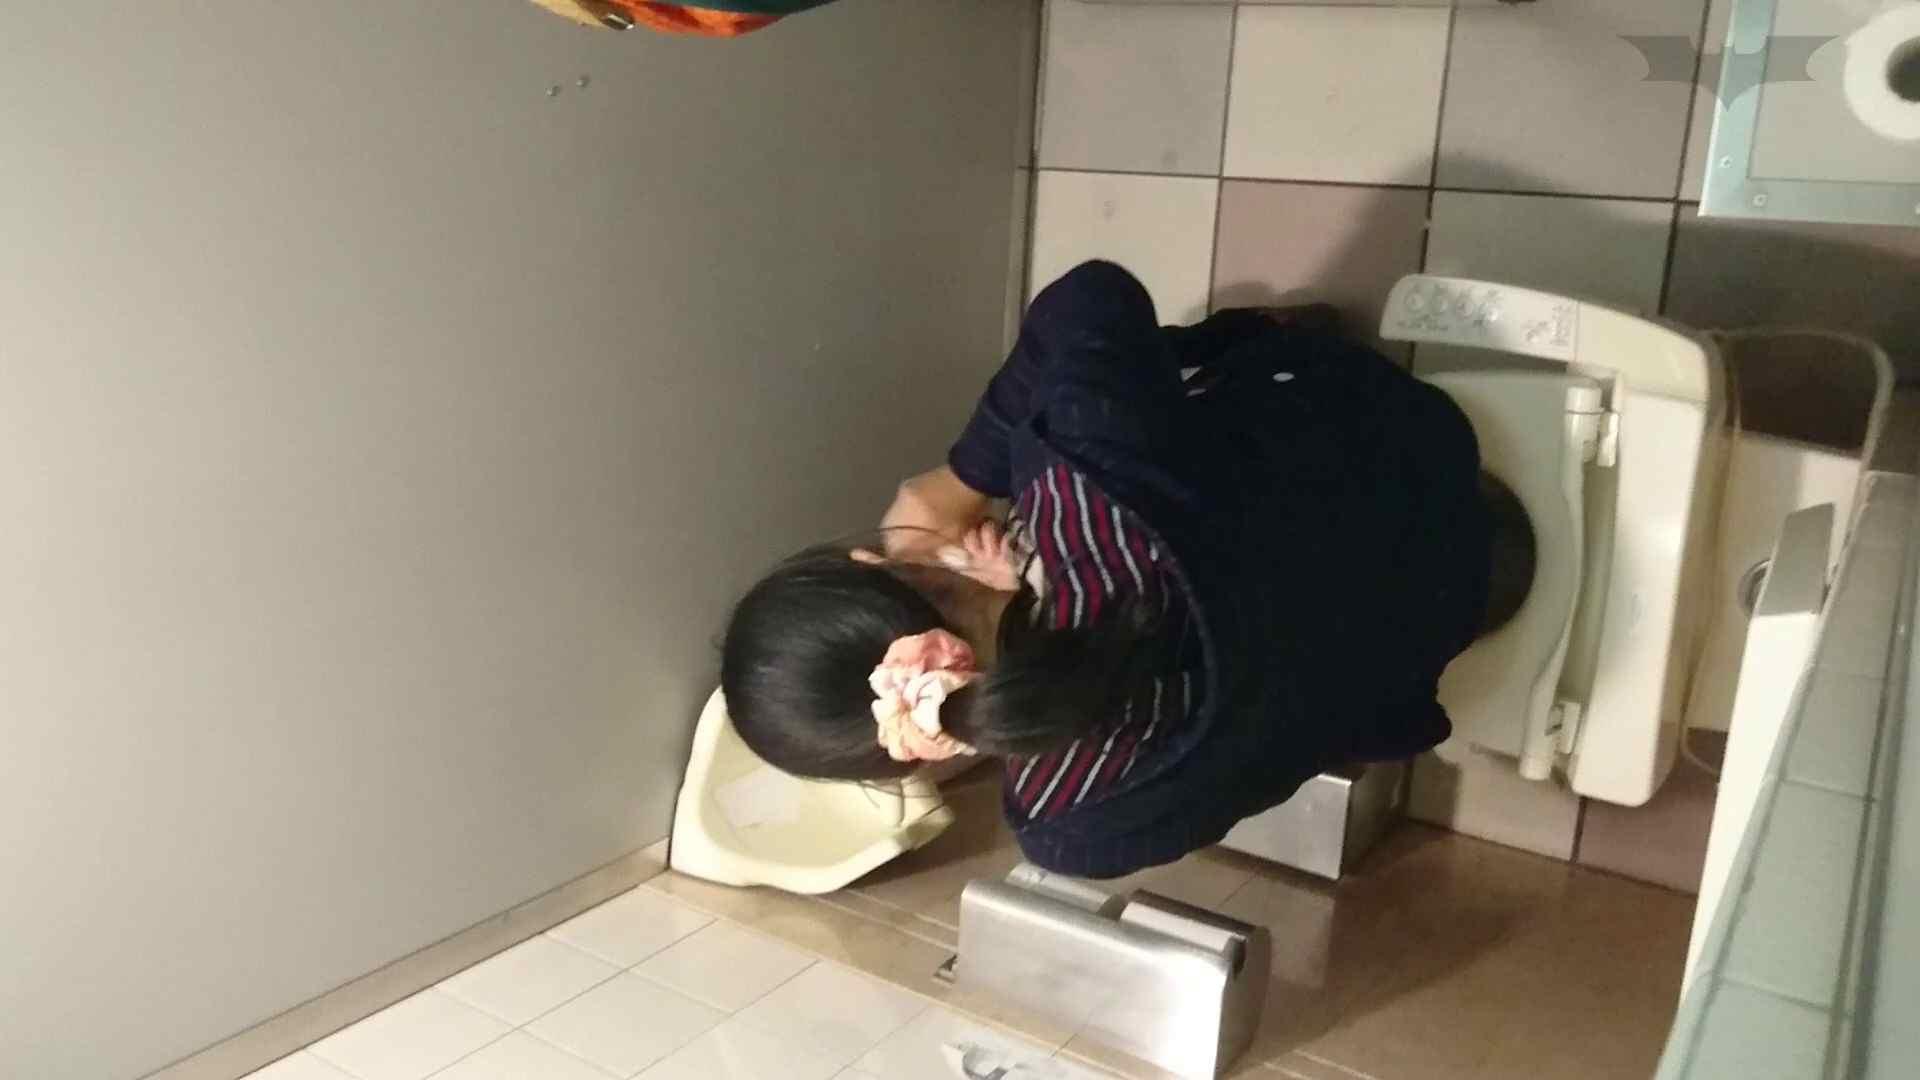 化粧室絵巻 ショッピングモール編 VOL.16 0  94pic 8